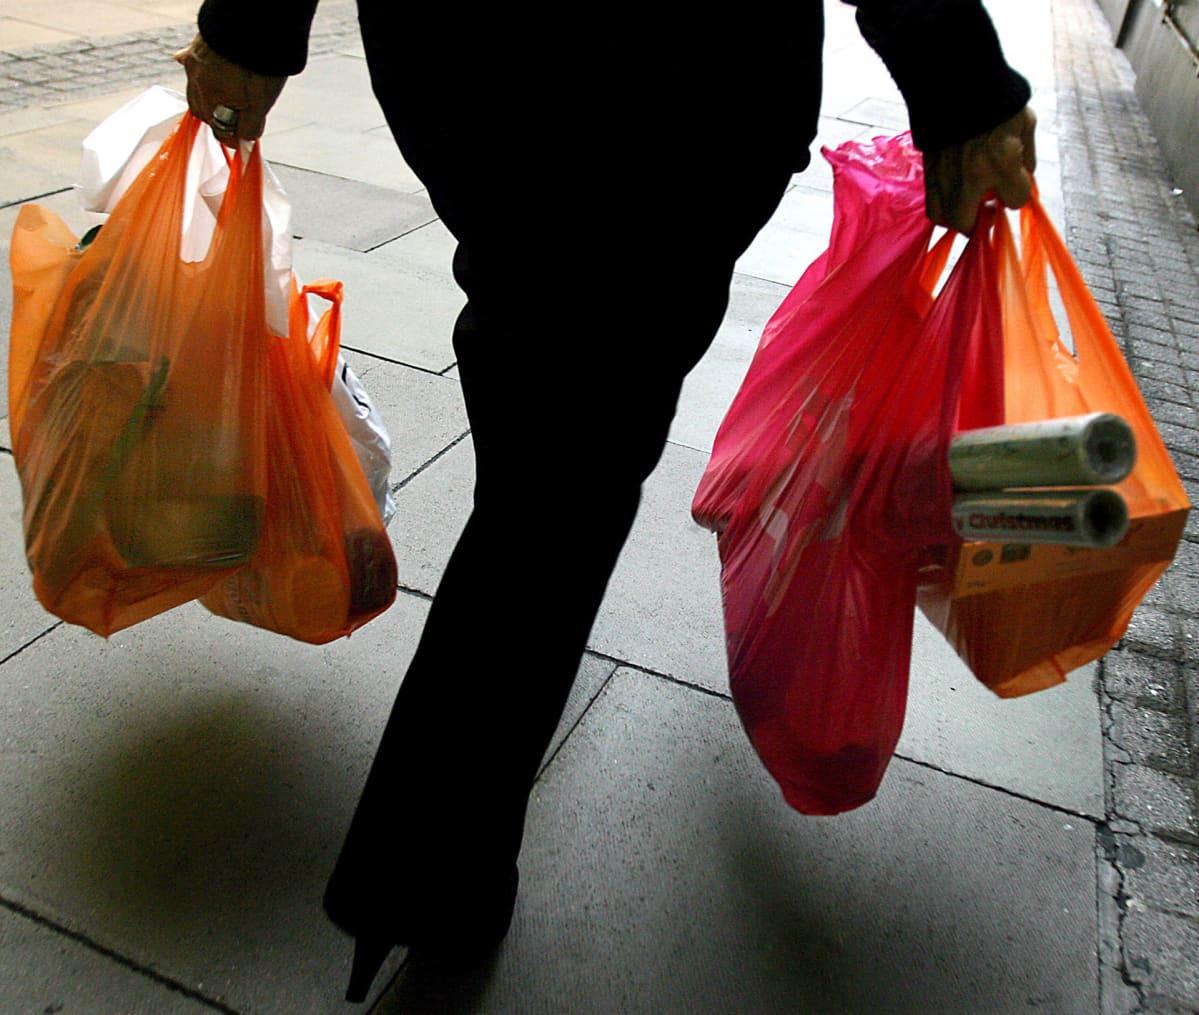 Englannissa kauppojen muovikasseista tehtiin viiden pennyn hintaisia vuonna 2015, mikä sai kulutuksen roimaan laskuun.